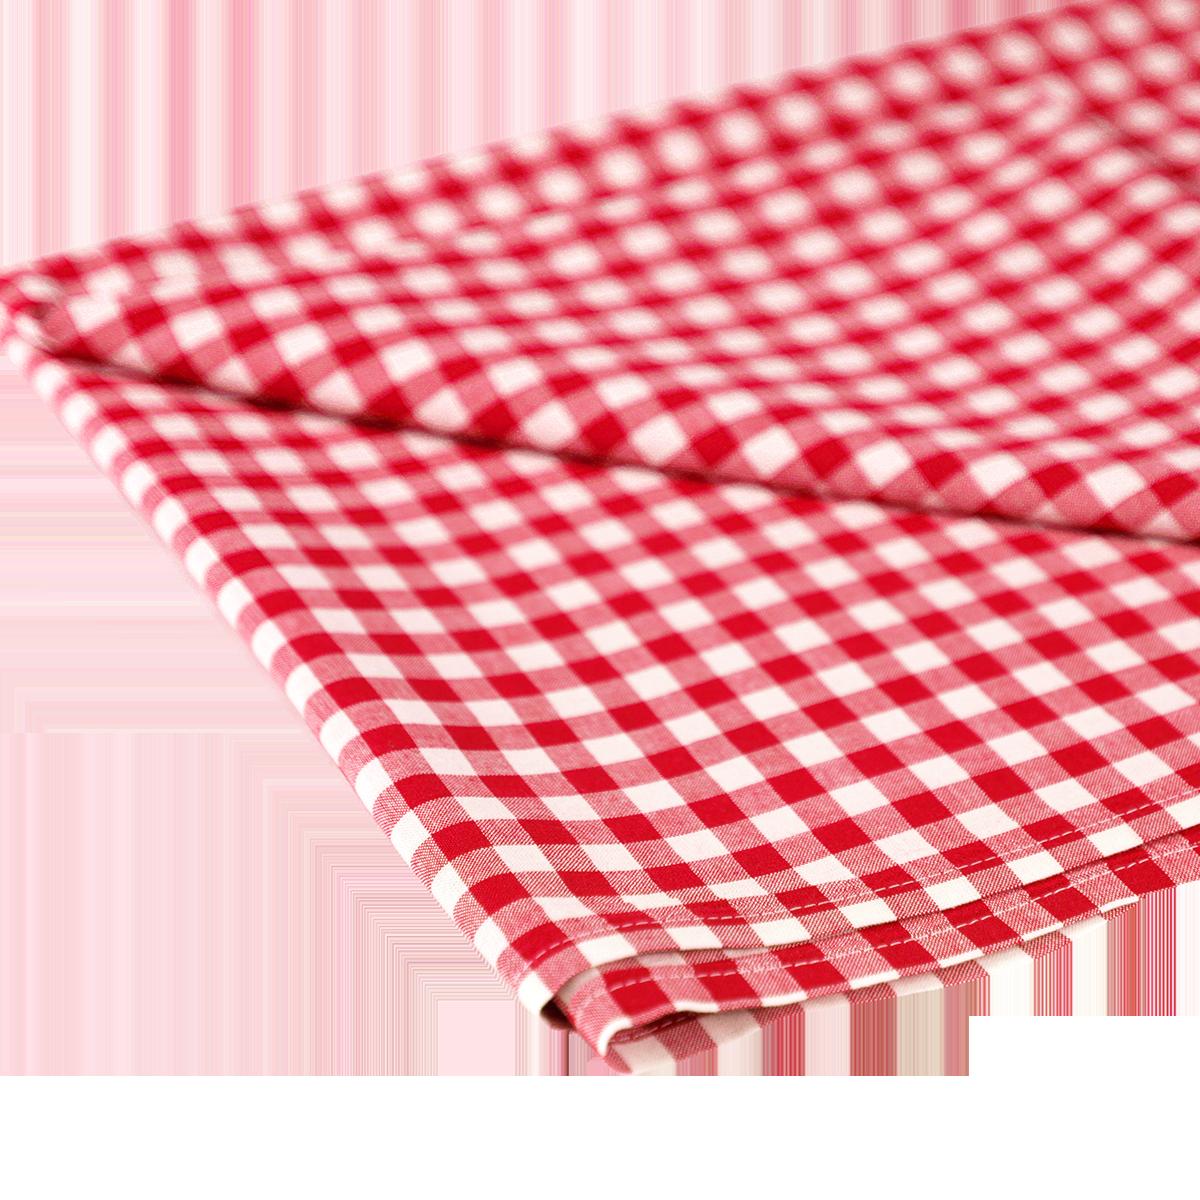 Tischdecke karriert 1 x 1, rot - weiß, 1.30 x 2.80 m